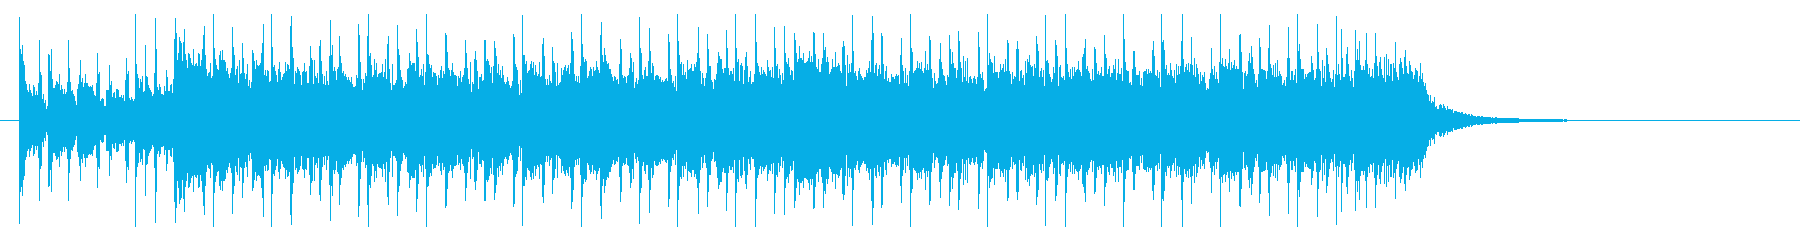 激動の近未来的メタルジングルの再生済みの波形